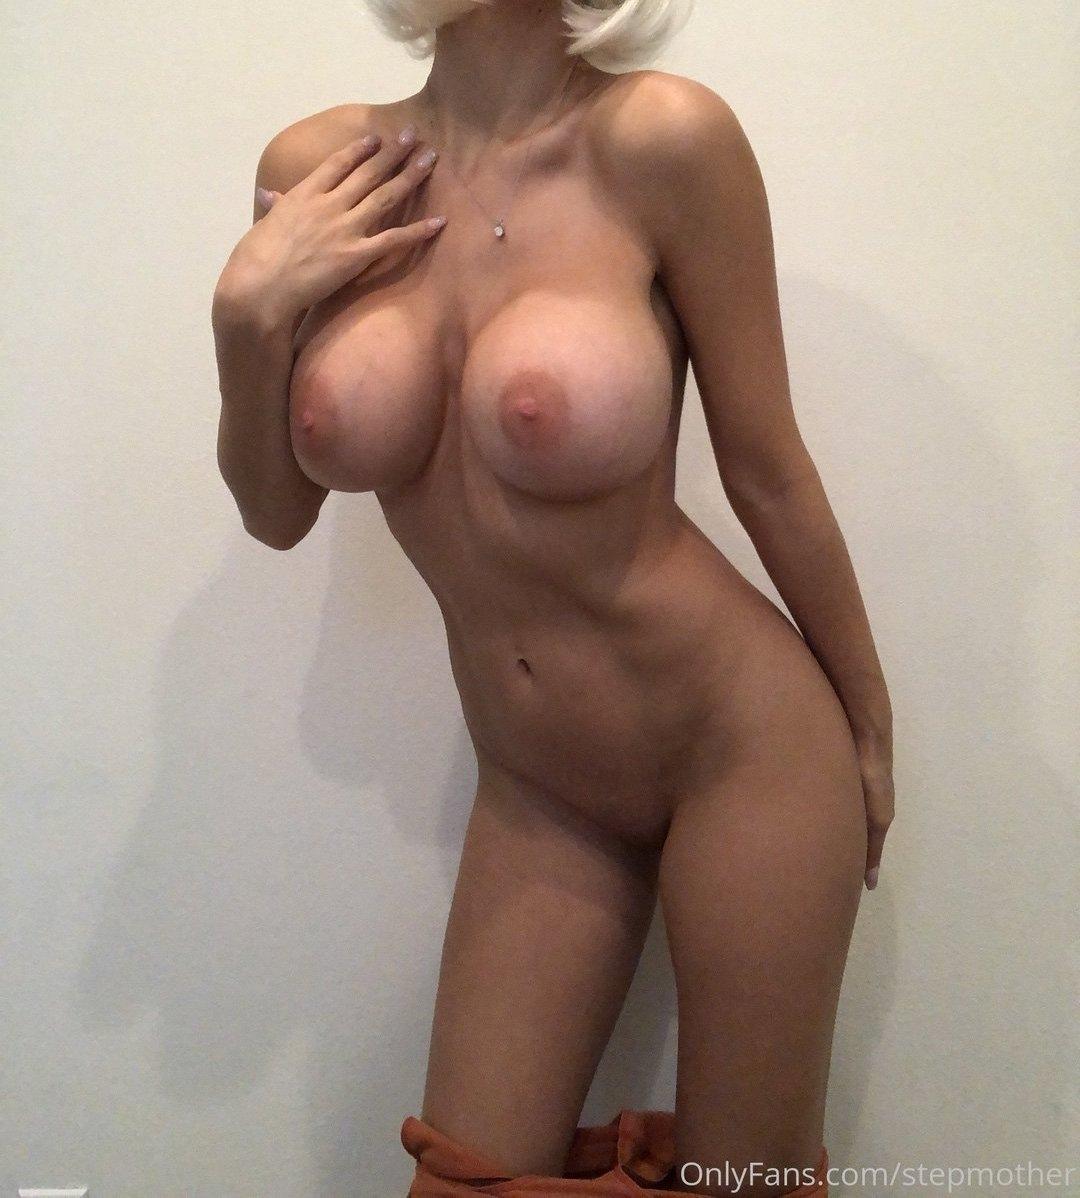 Zayla Skye Stepmother Onlyfans Nudes Leaks 0006